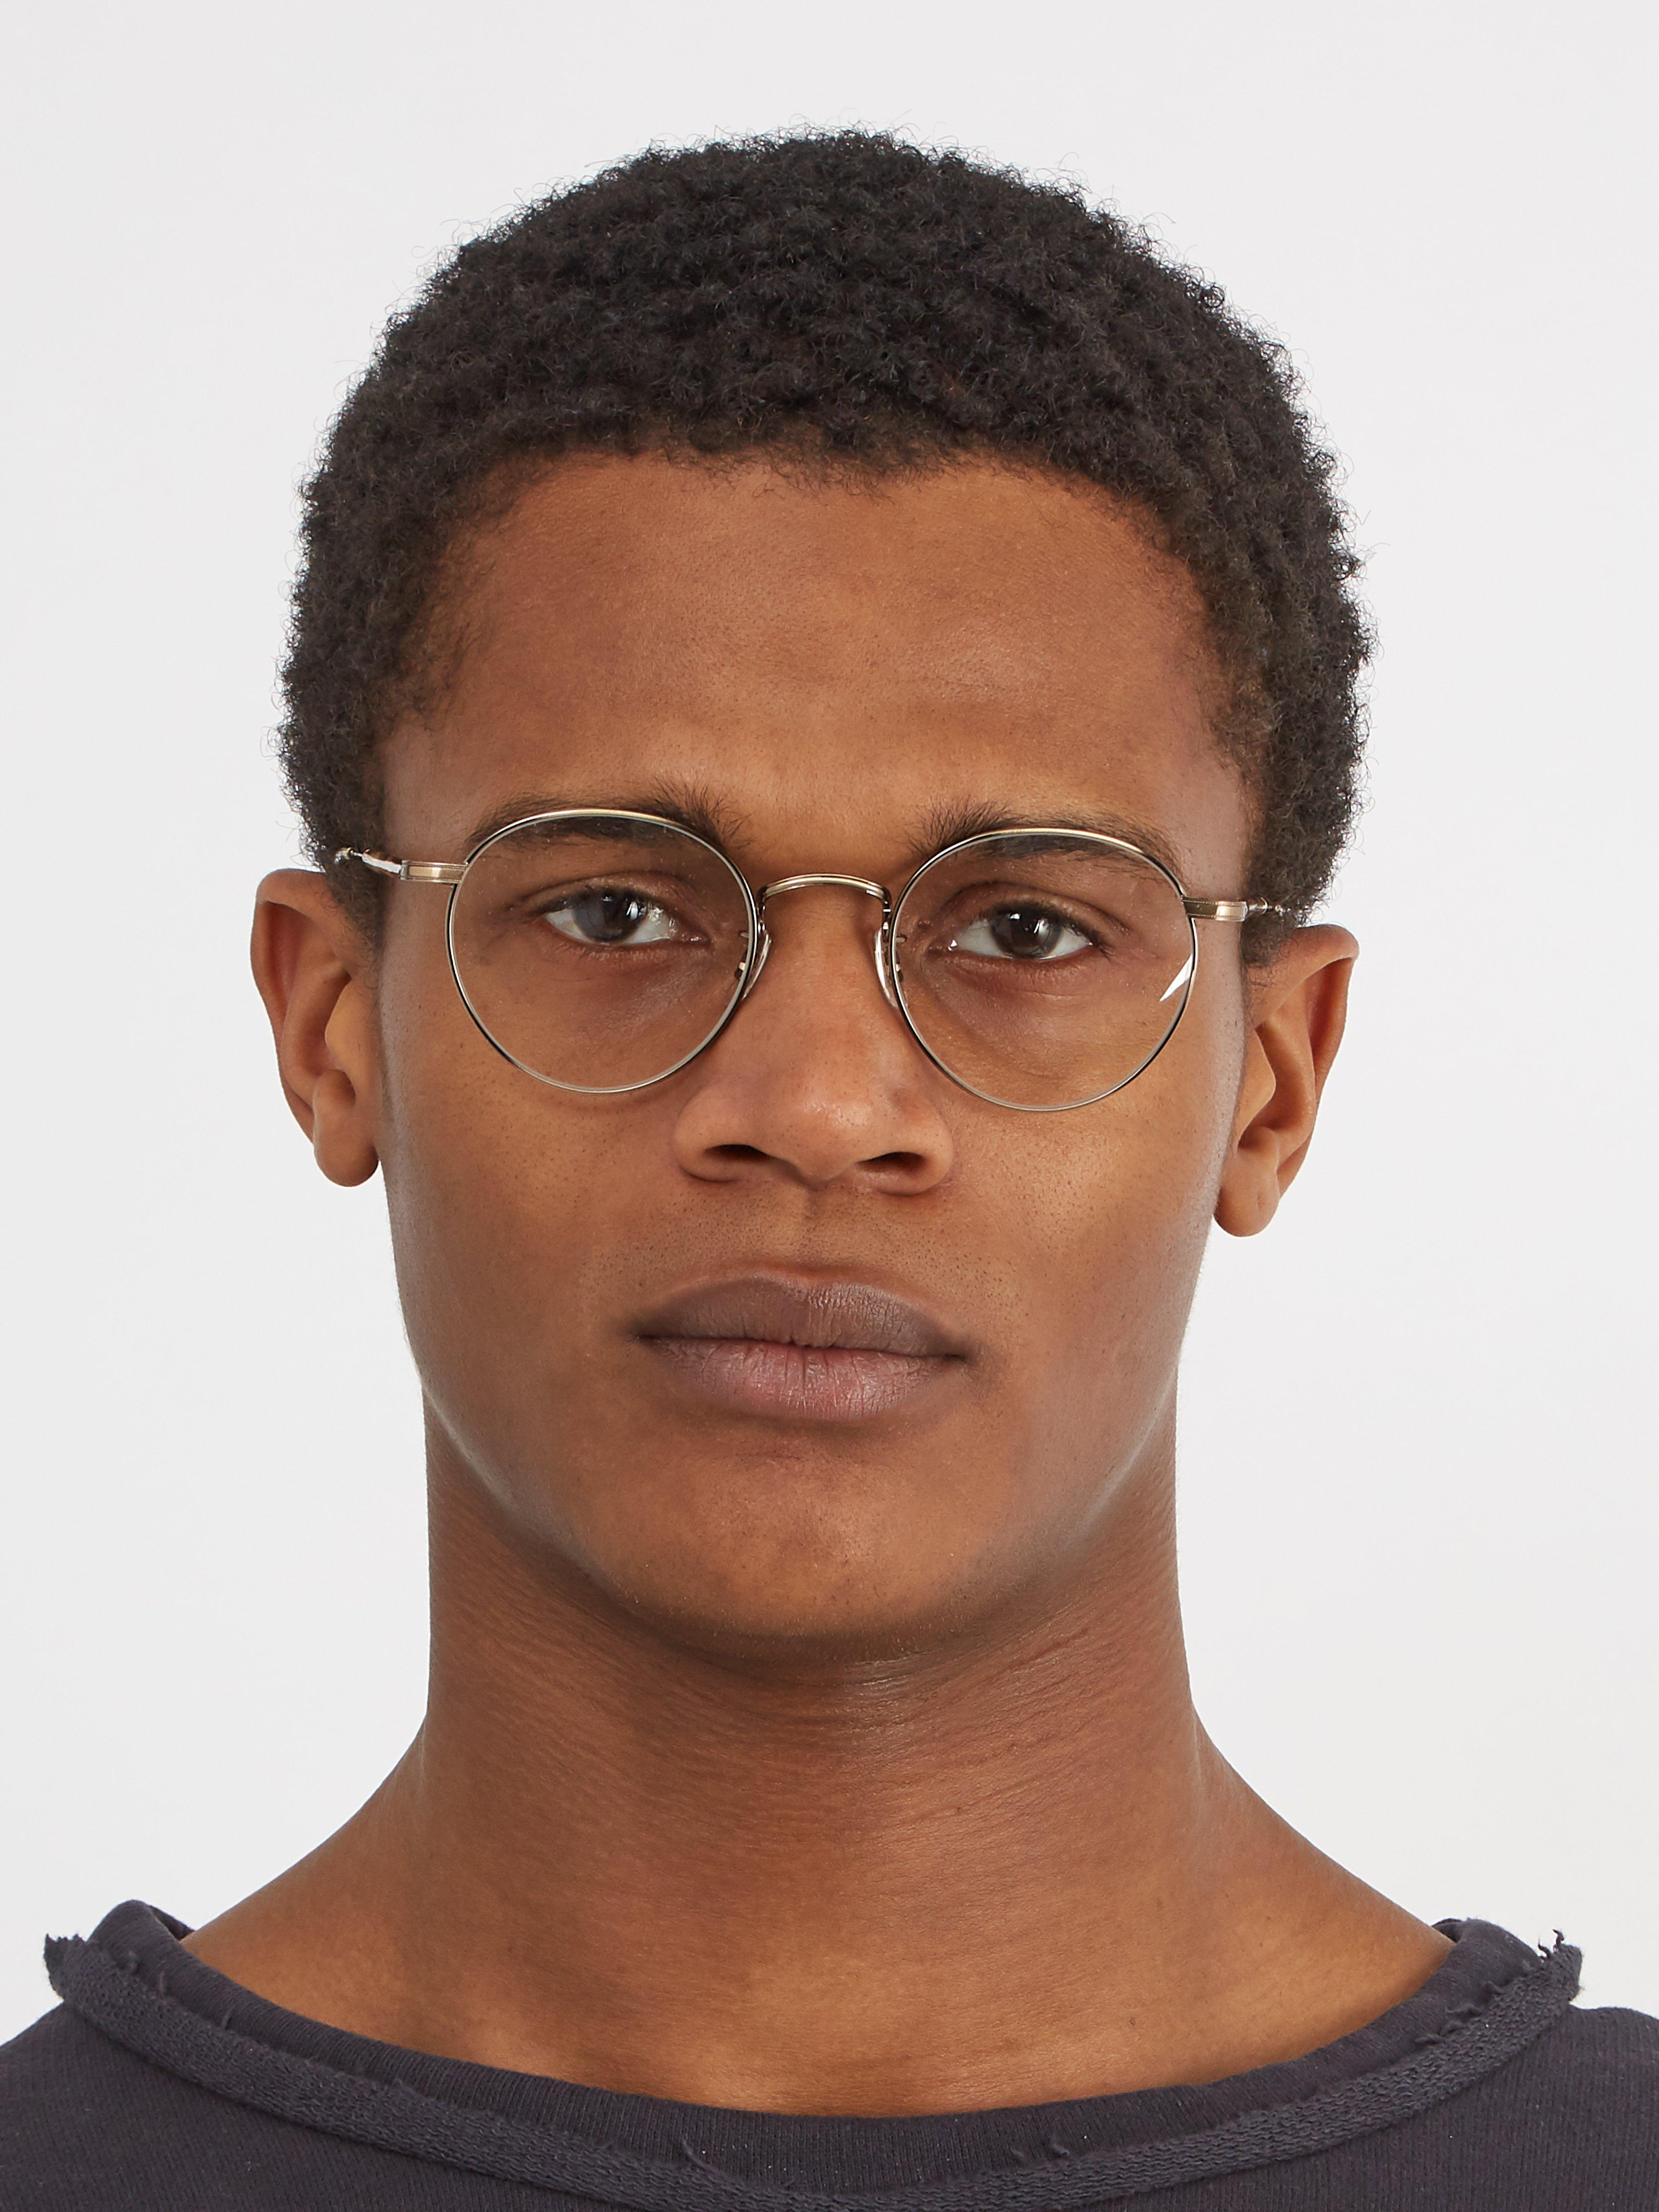 58cc5b8085 Garrett Leight Wilson 49 Round Frame Glasses in Metallic for Men - Lyst